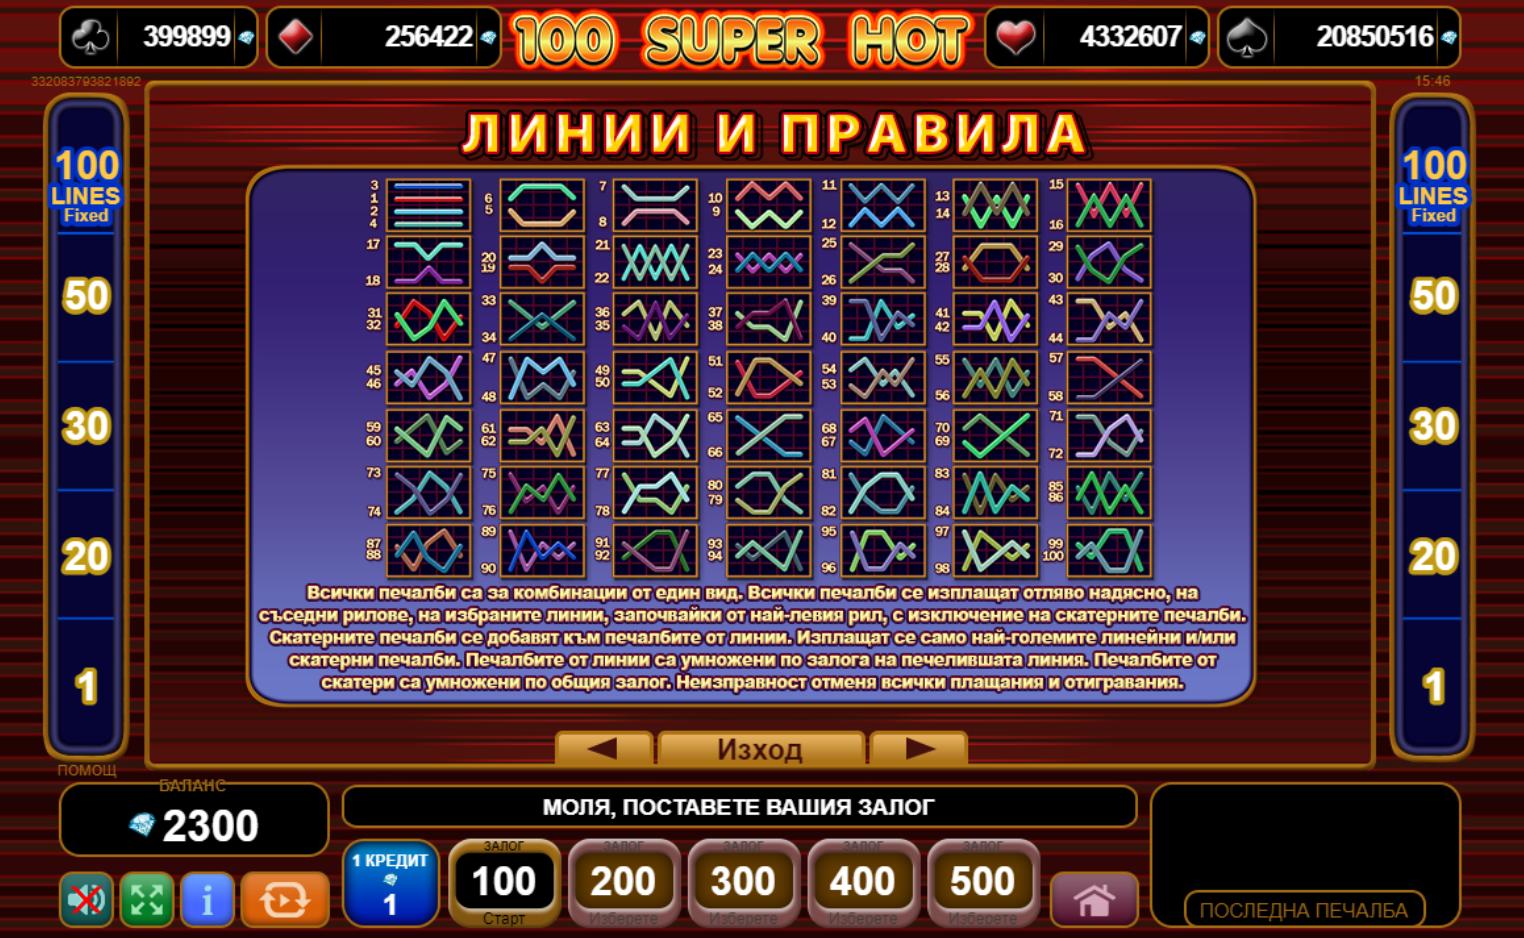 100 super hot linii-komarbet.com